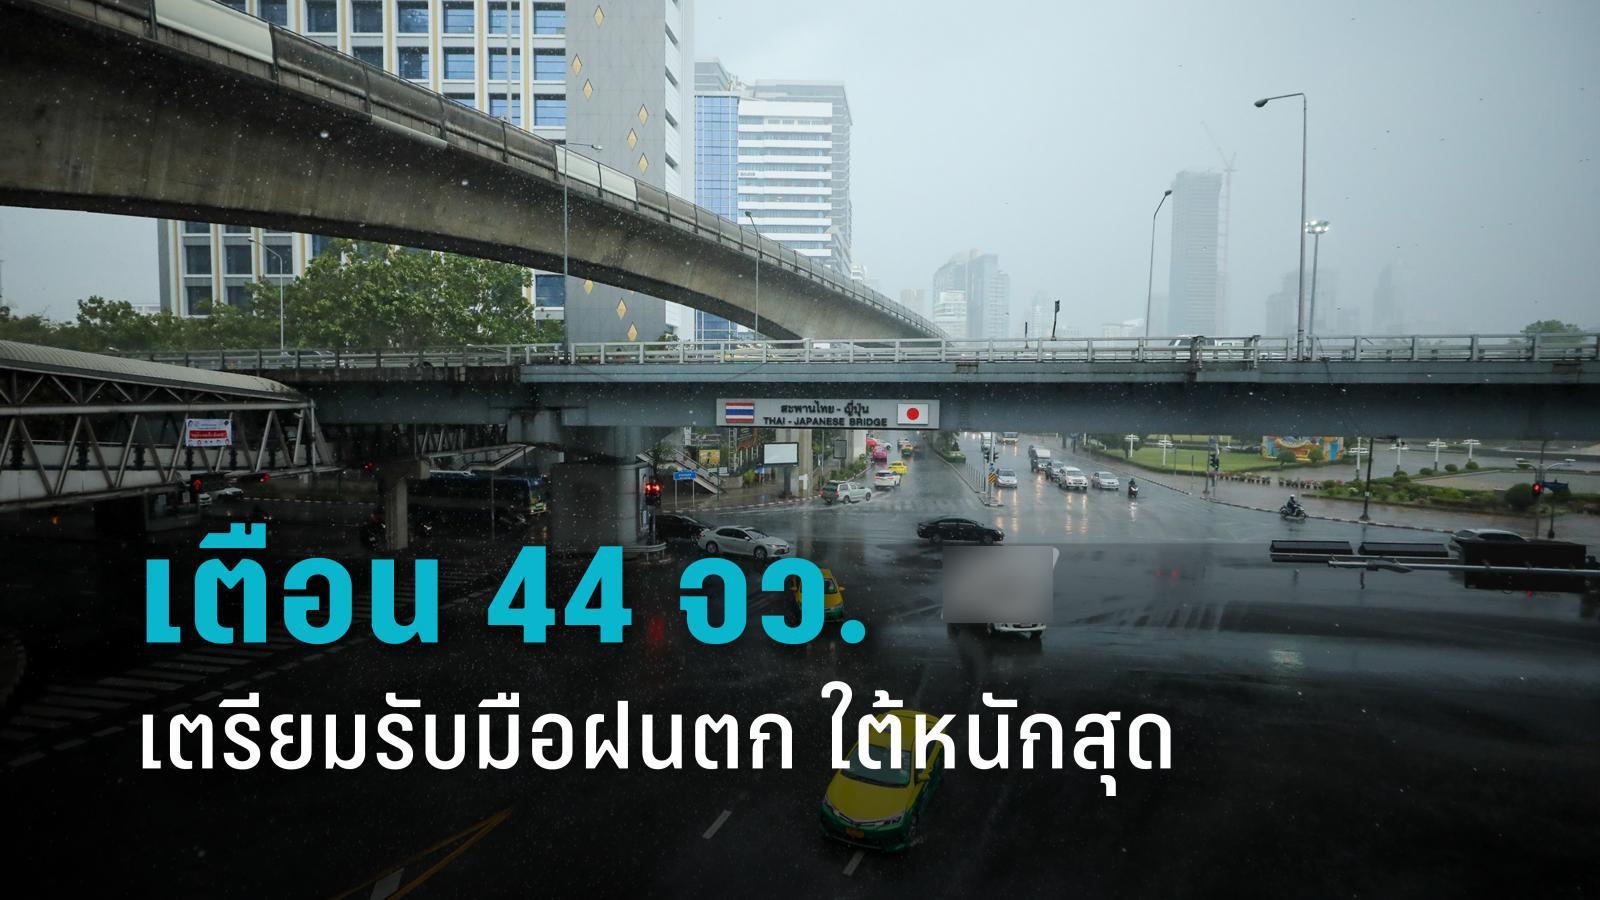 กรมอุตุฯ เตือน ไทยเจอฝนตก 44 จังหวัดรับมือ ใต้หนักสุด 60%  กทม.โดนบ่ายถึงค่ำ